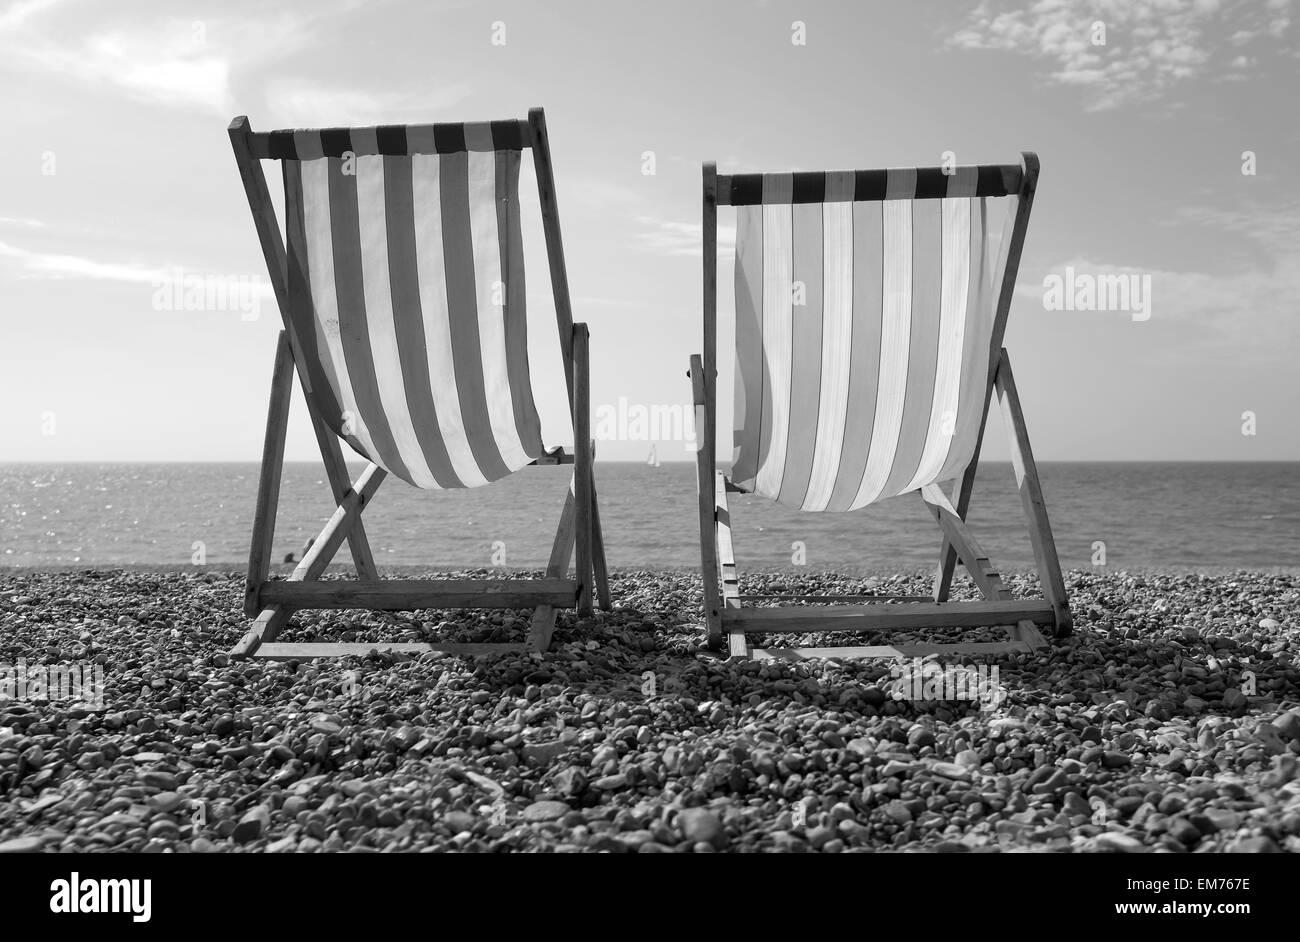 La spiaggia di Brighton, sedie a sdraio sulla spiaggia con la sola imbarcazione a vela in background in bianco e Immagini Stock